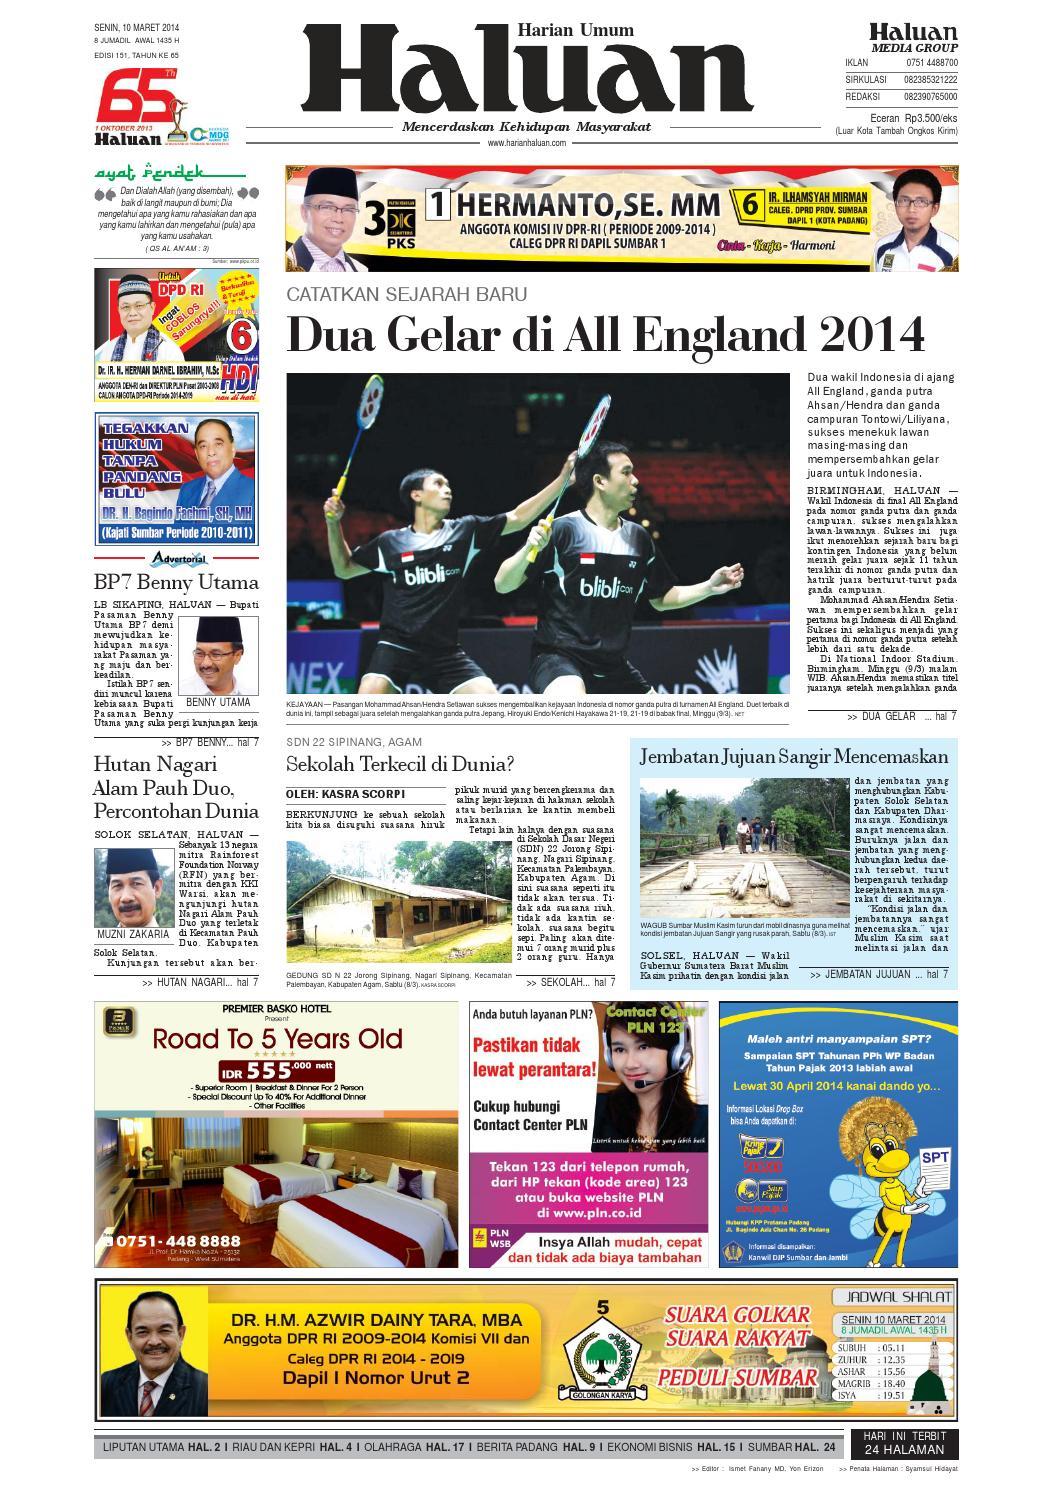 Haluan 10 Maret 2014 By Harian Issuu Sensi Doctor Cap Green Penutup Kepala 50 Pcs Khusus Area Pulau Jawa